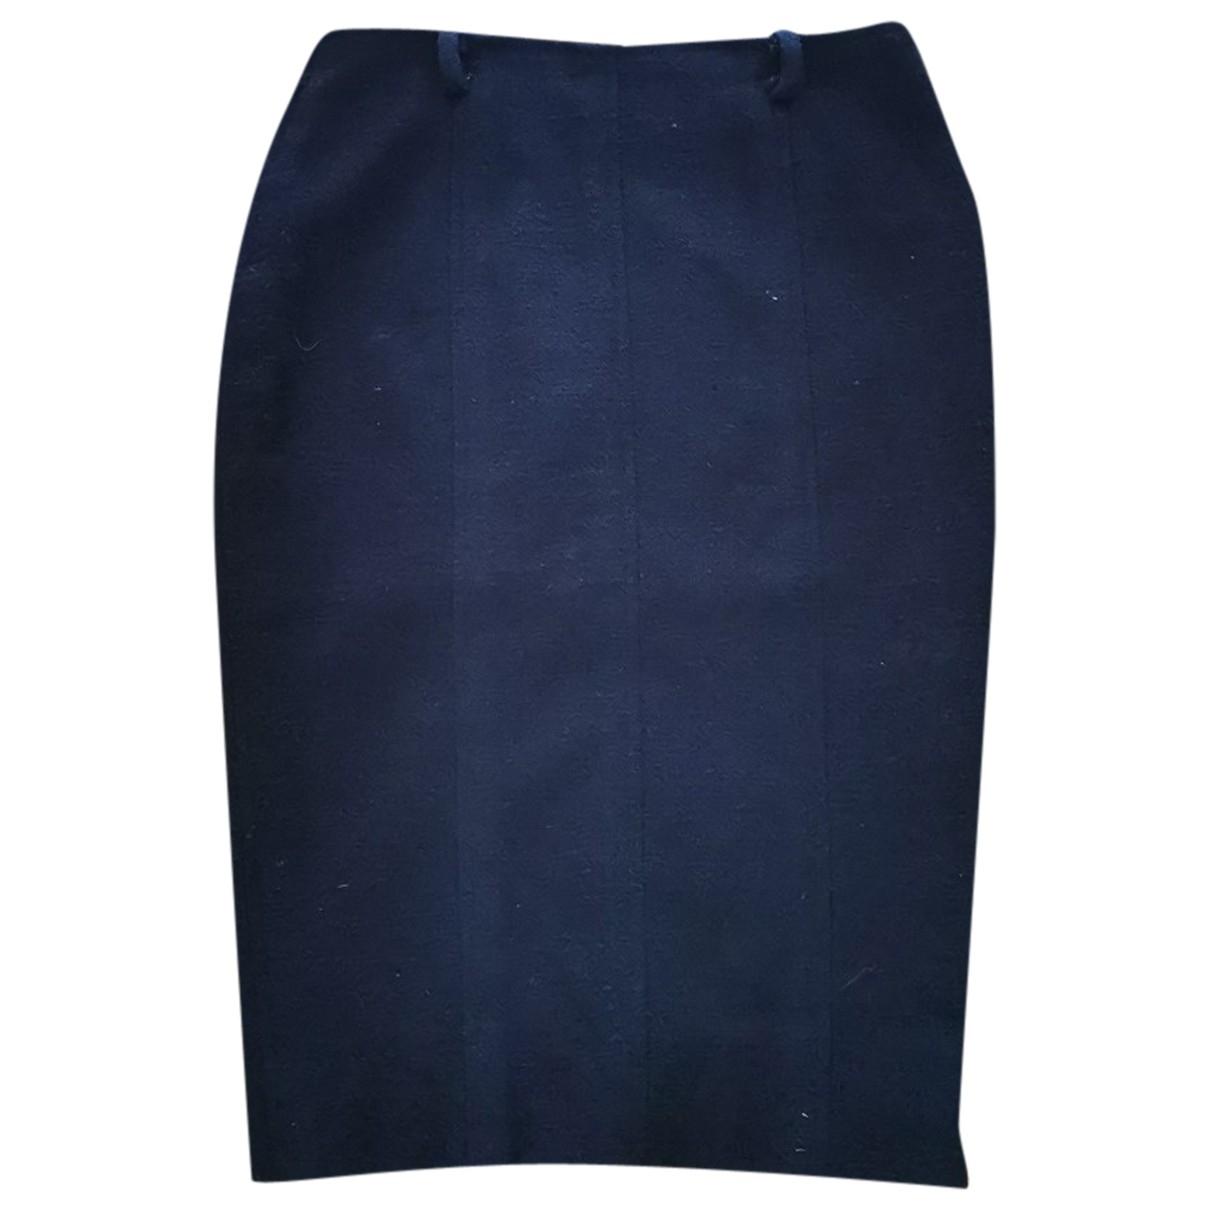 Chanel - Jupe   pour femme en laine - marine